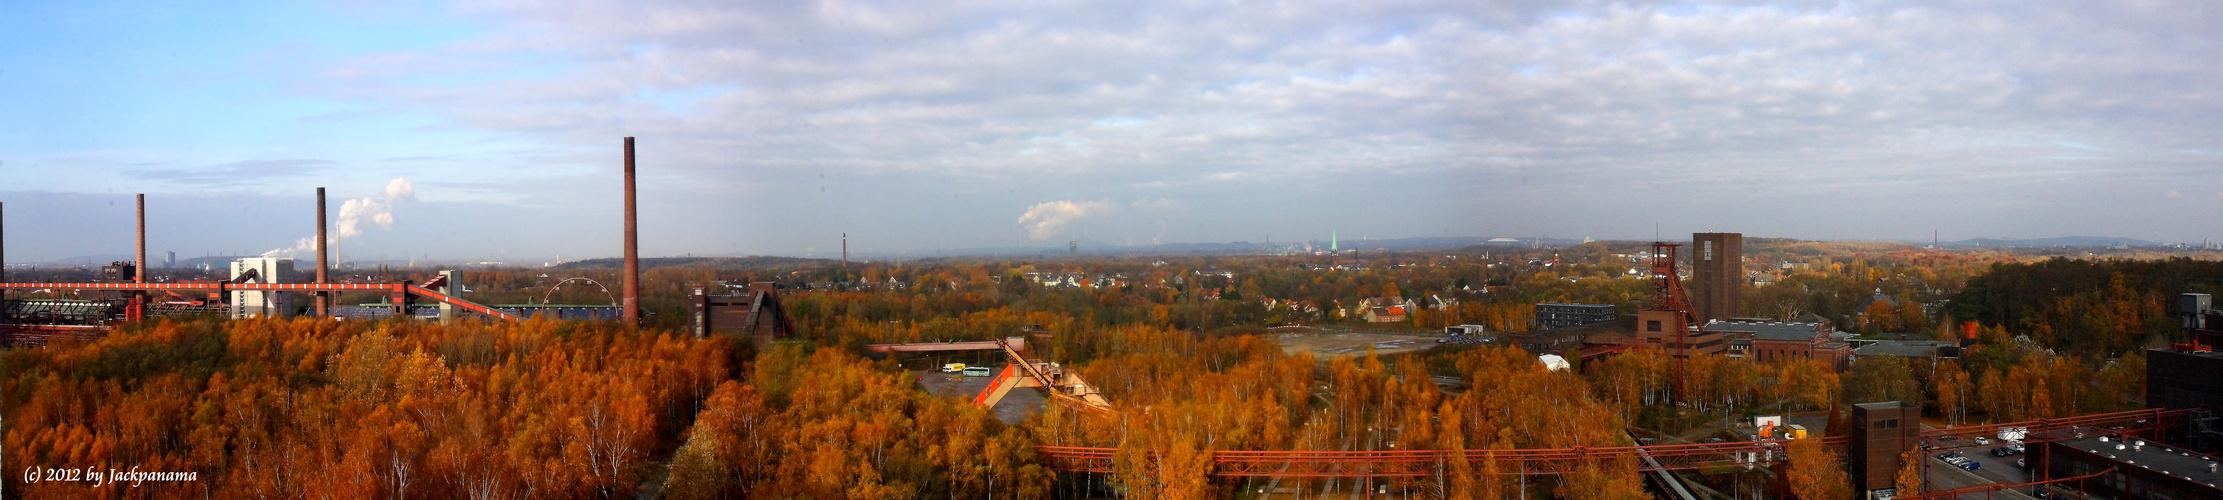 Blick vom Dach der Zeche Zollverein ins weite Ruhrgebiet